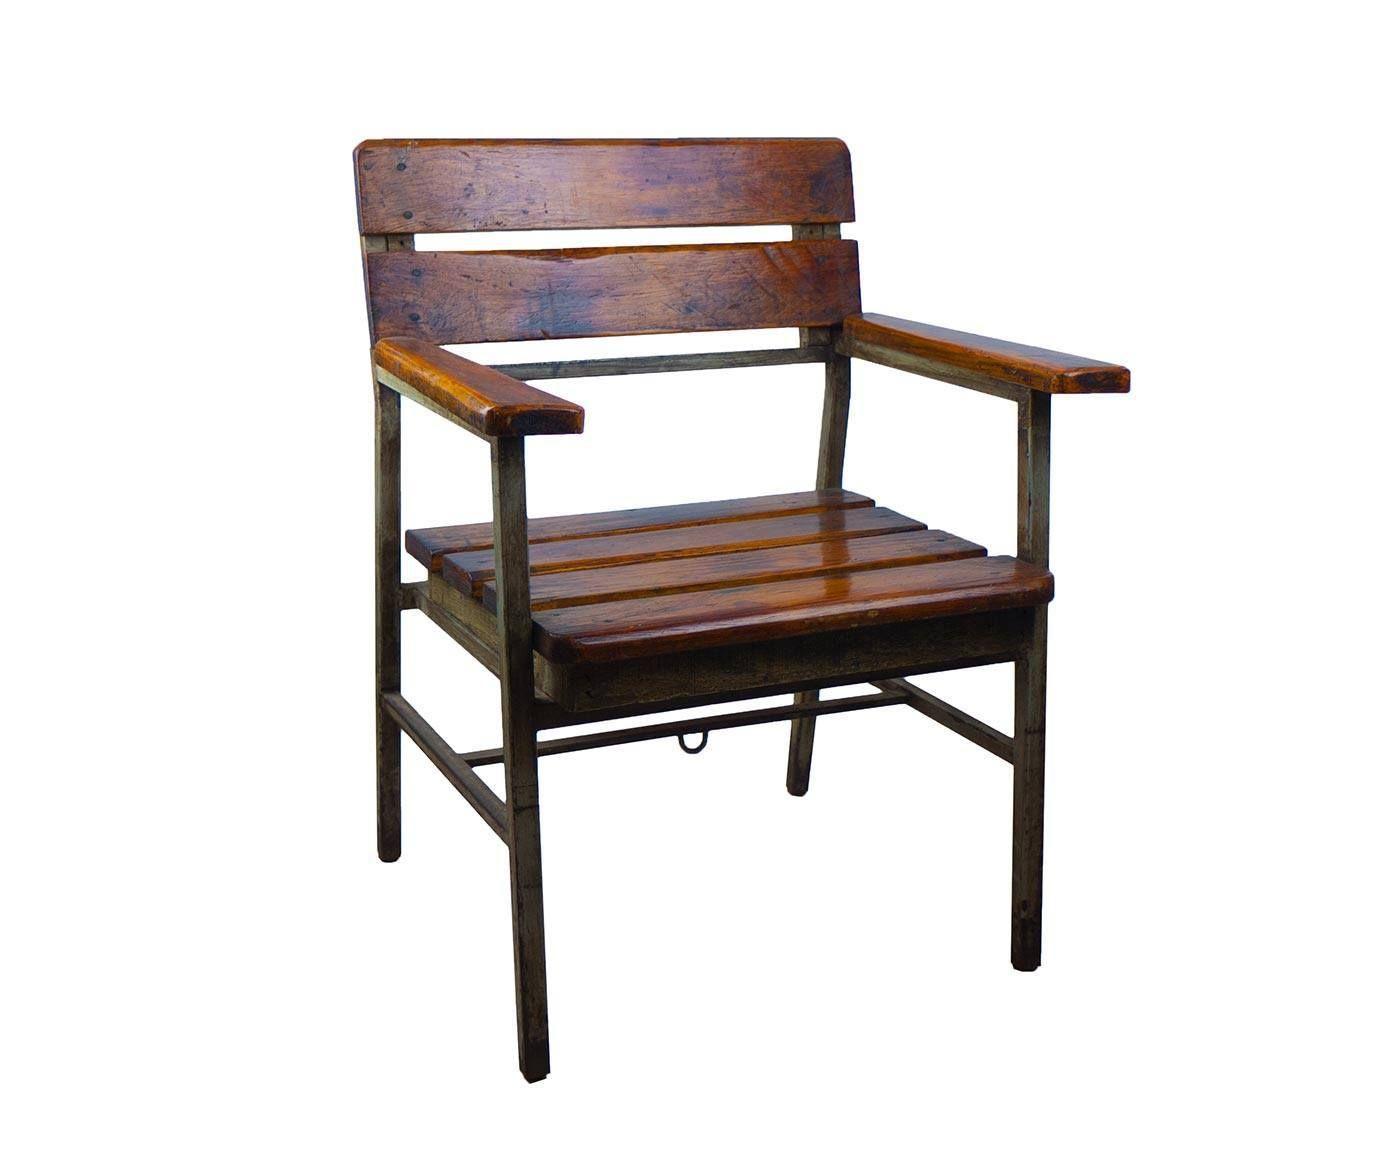 Silla de madera de teca reciclada y hierro westwing home living sillas y sillones madera - Sillas y sillones ...